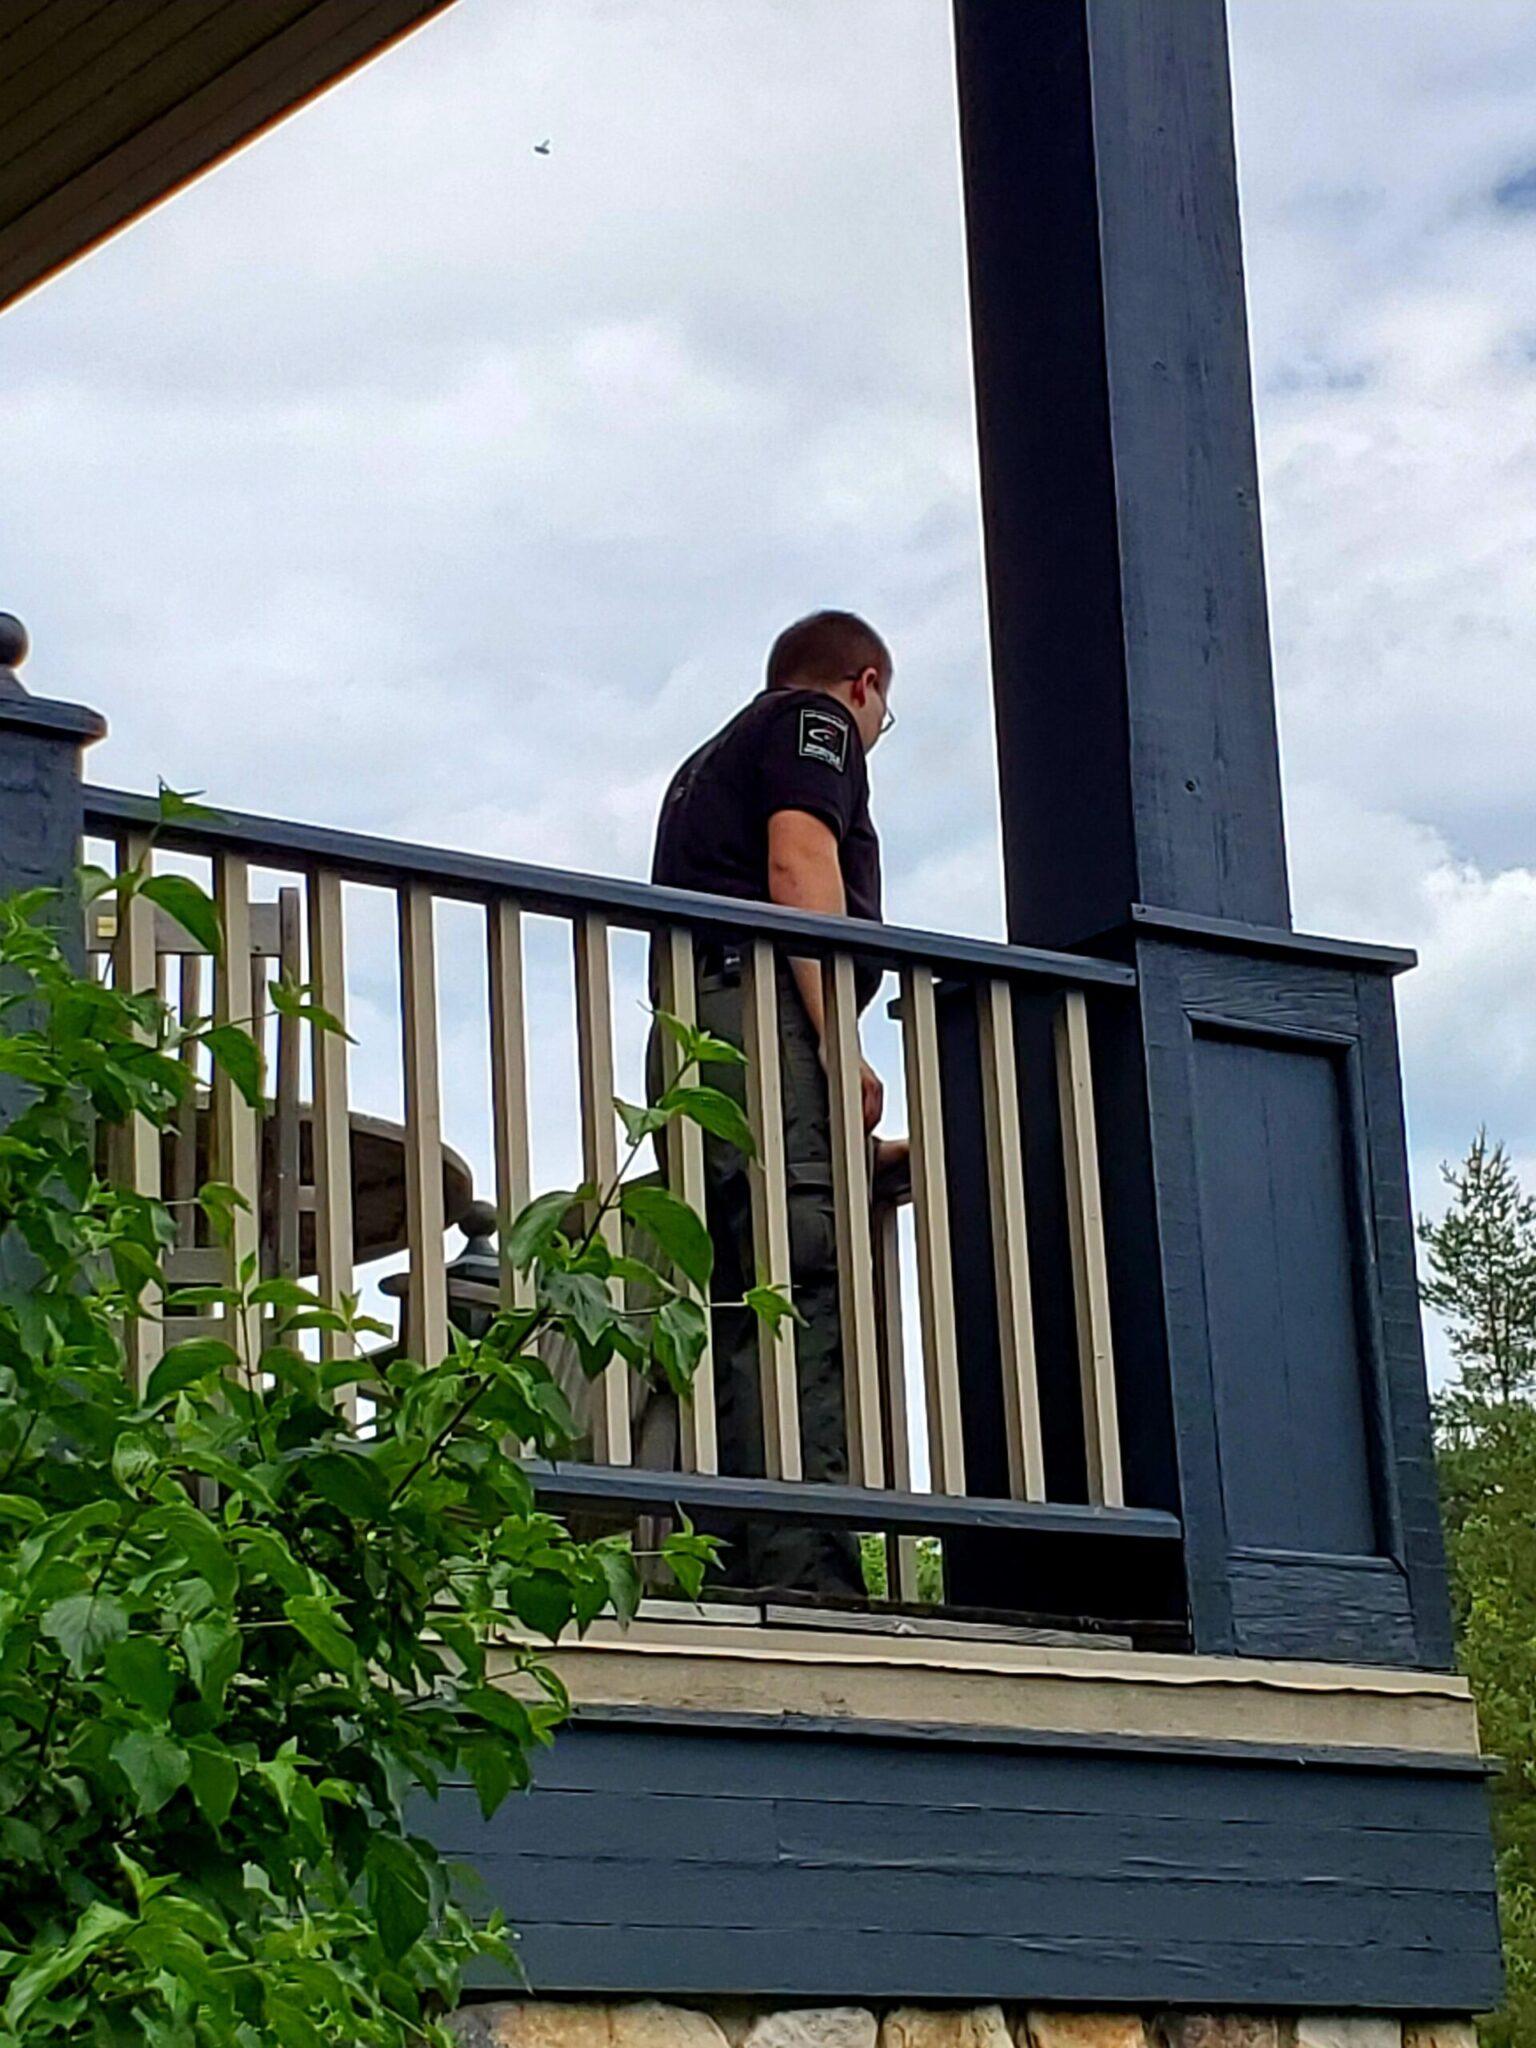 Man On Balcony